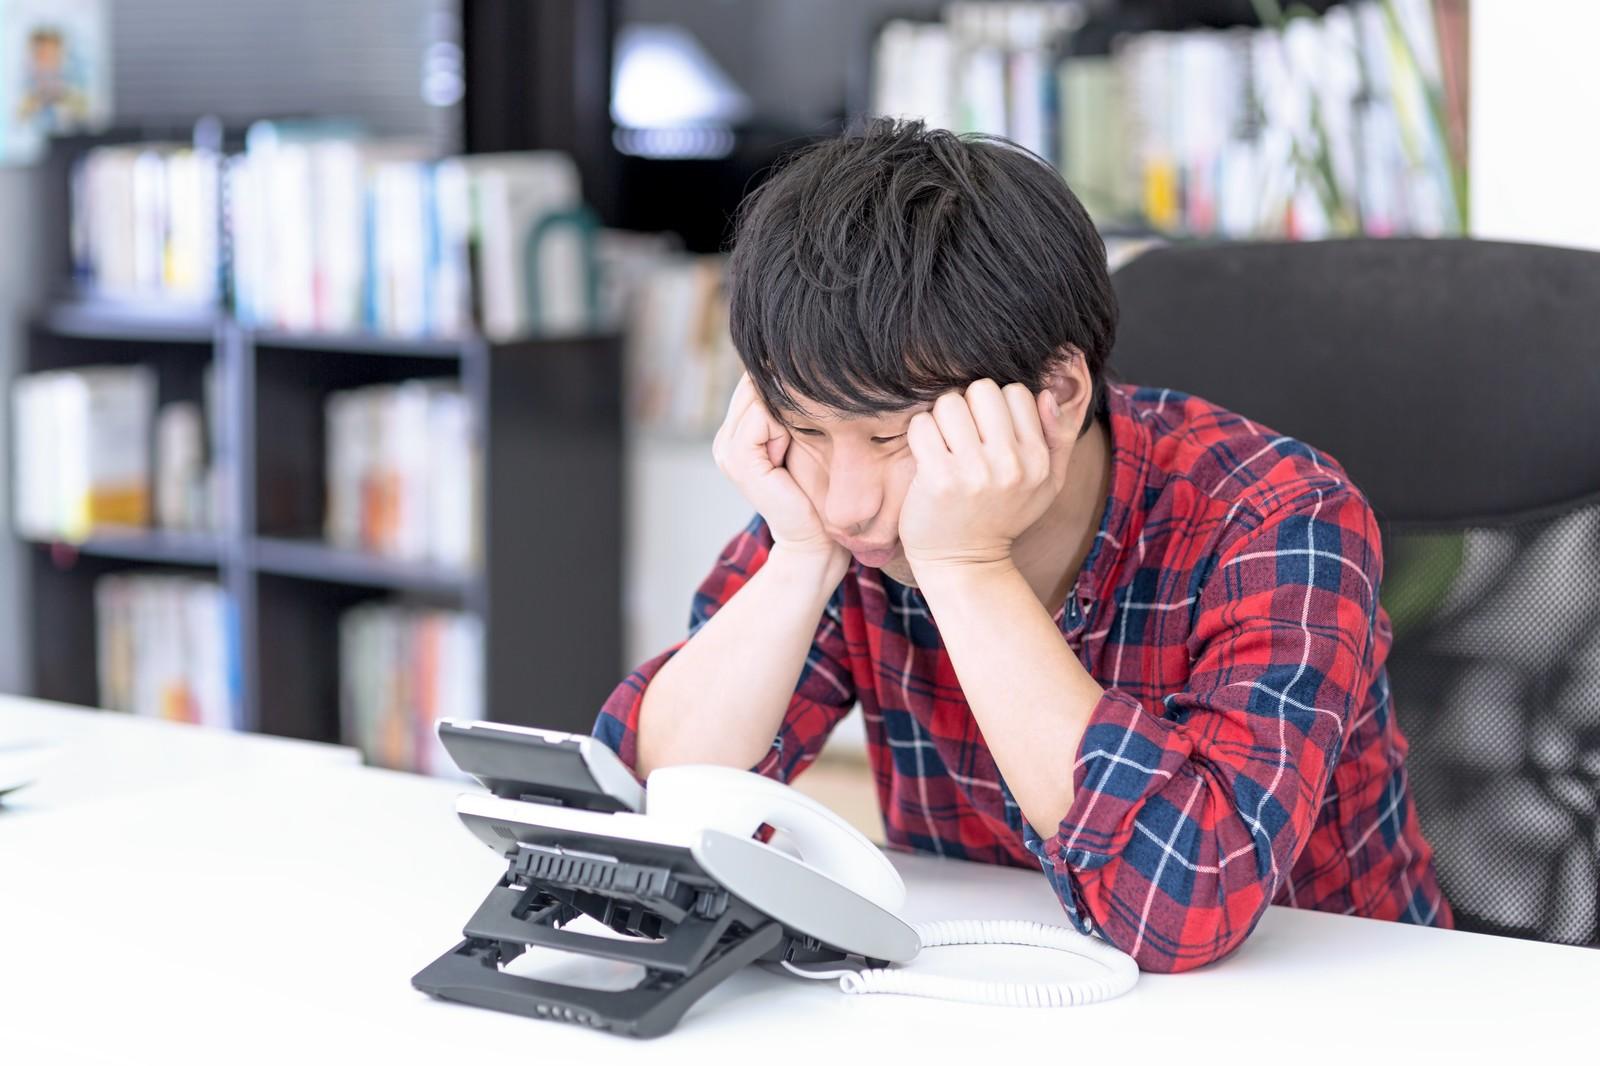 副業のAmazon輸出ビジネスでは税理士は必要なのか?